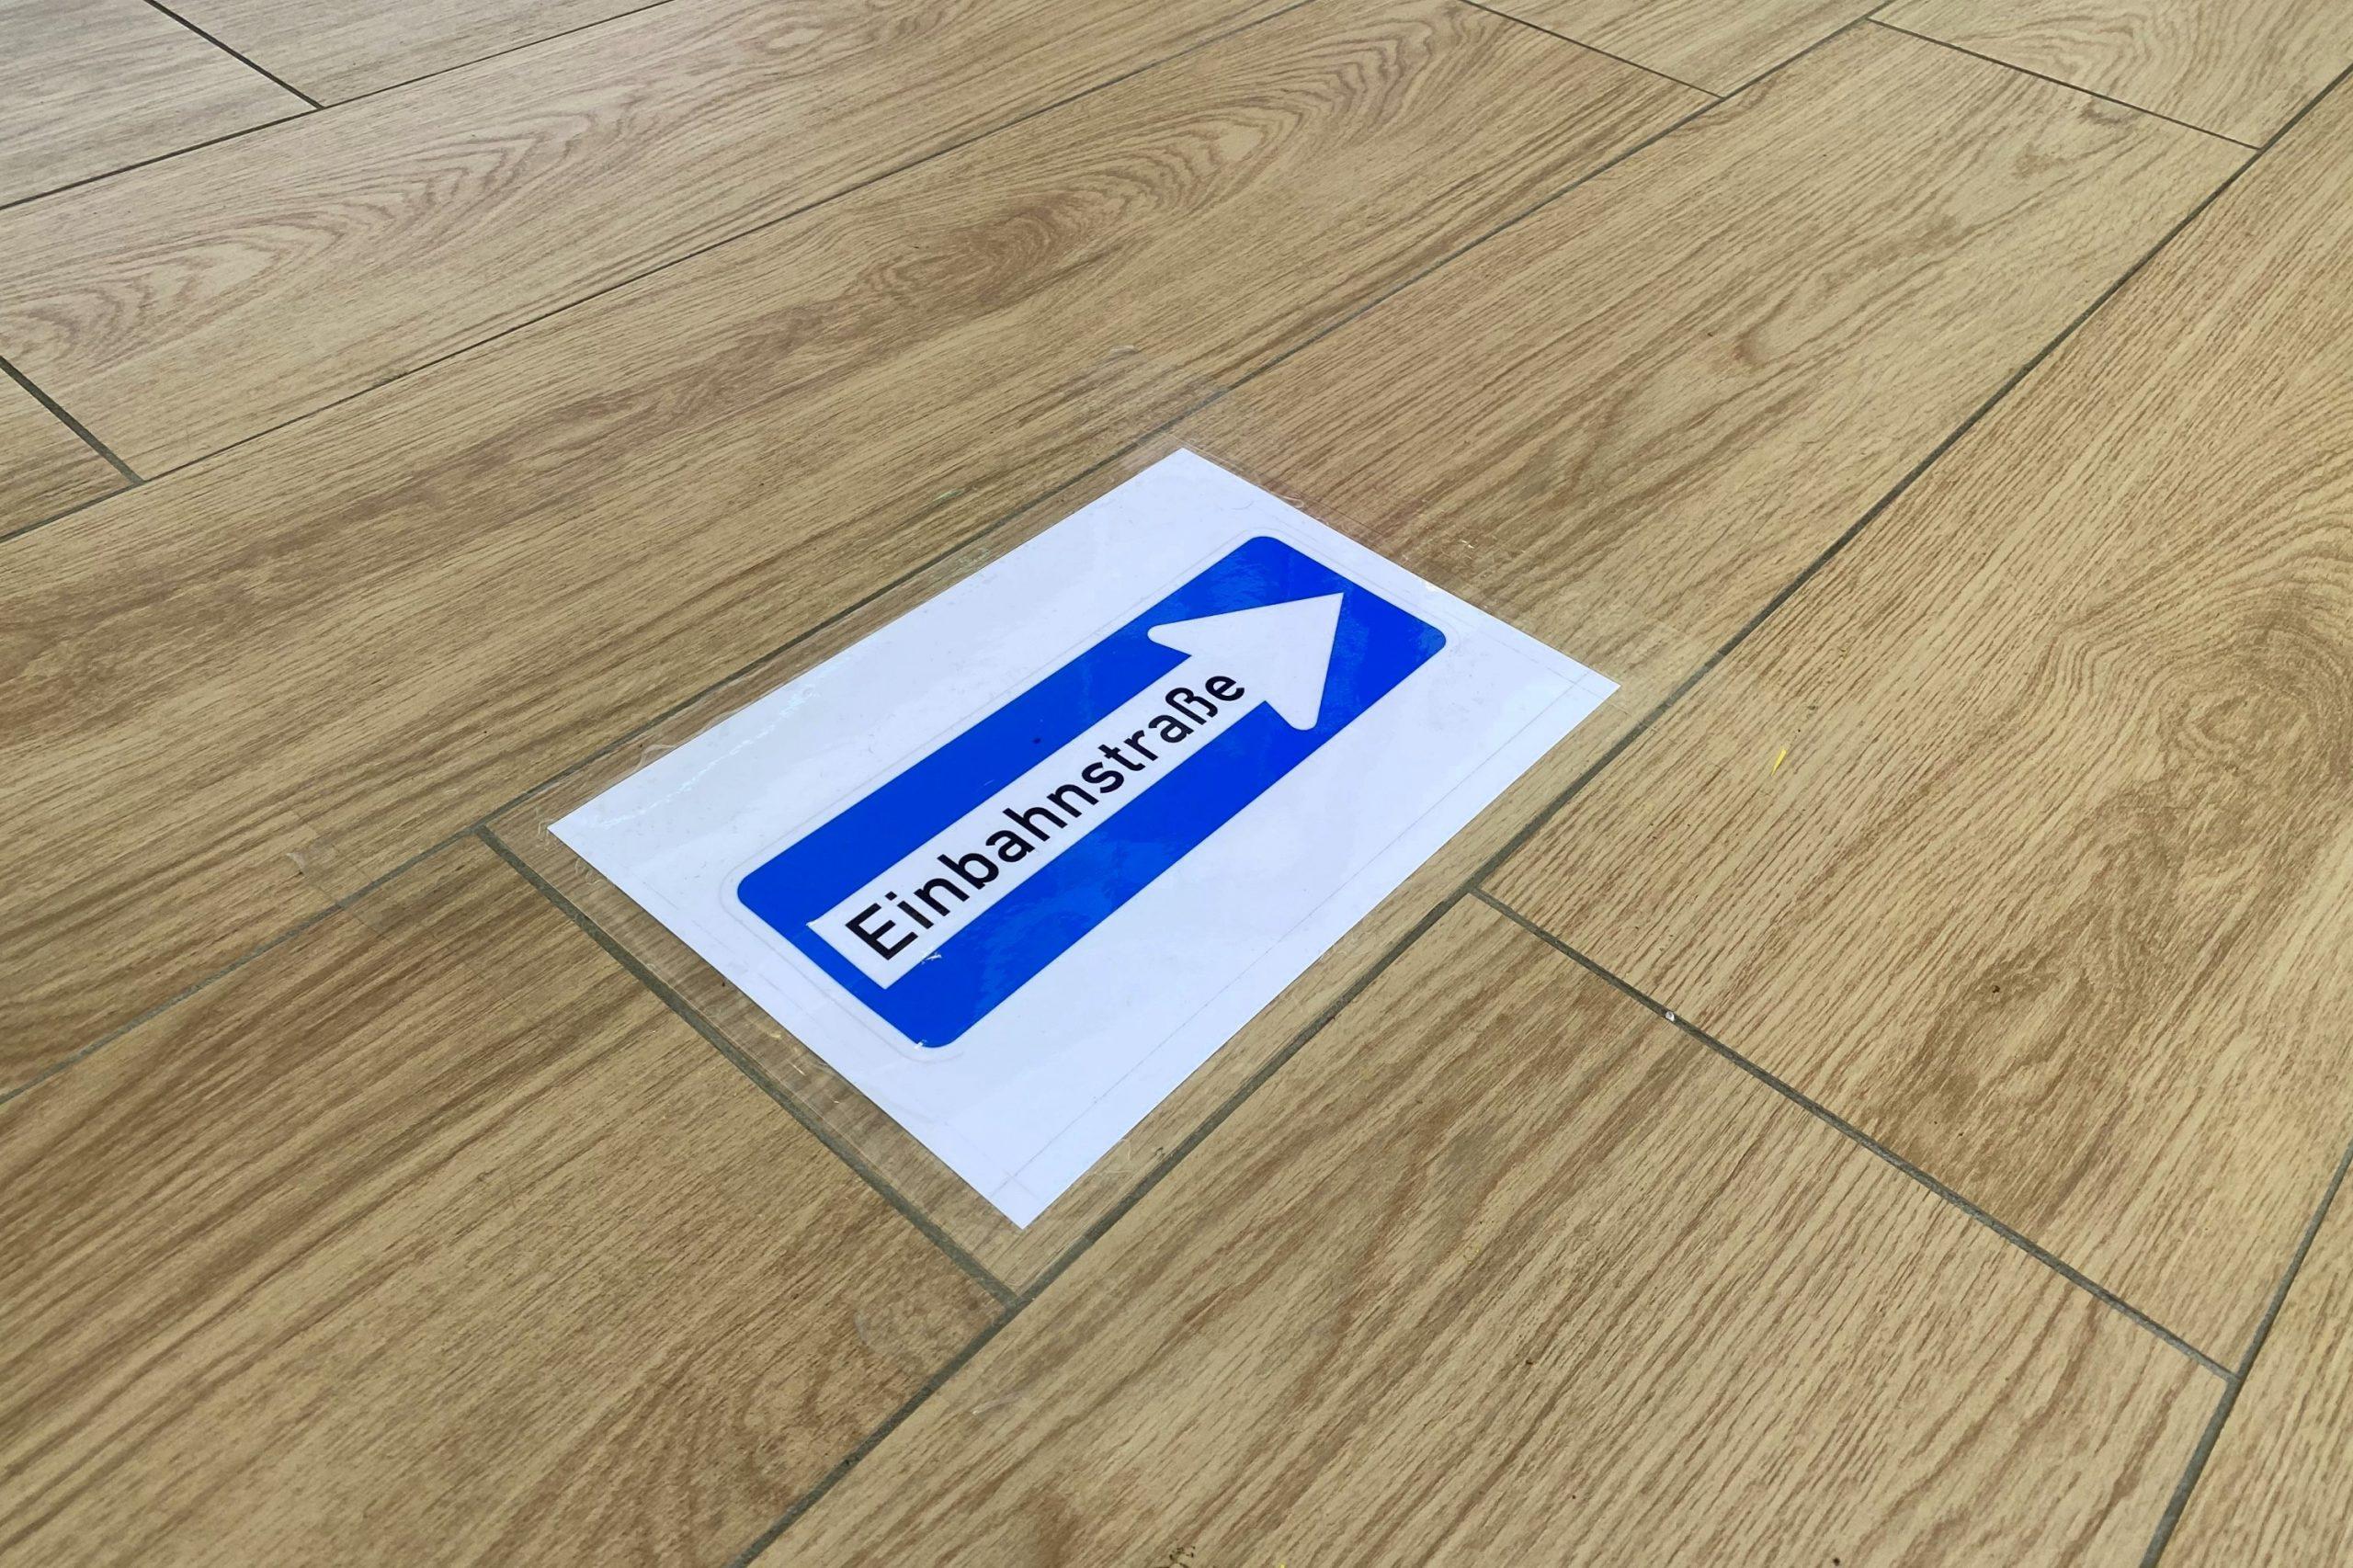 Einbahnstraßen-Schilder auf dem Boden, 1 Eingang, 1 Ausgang